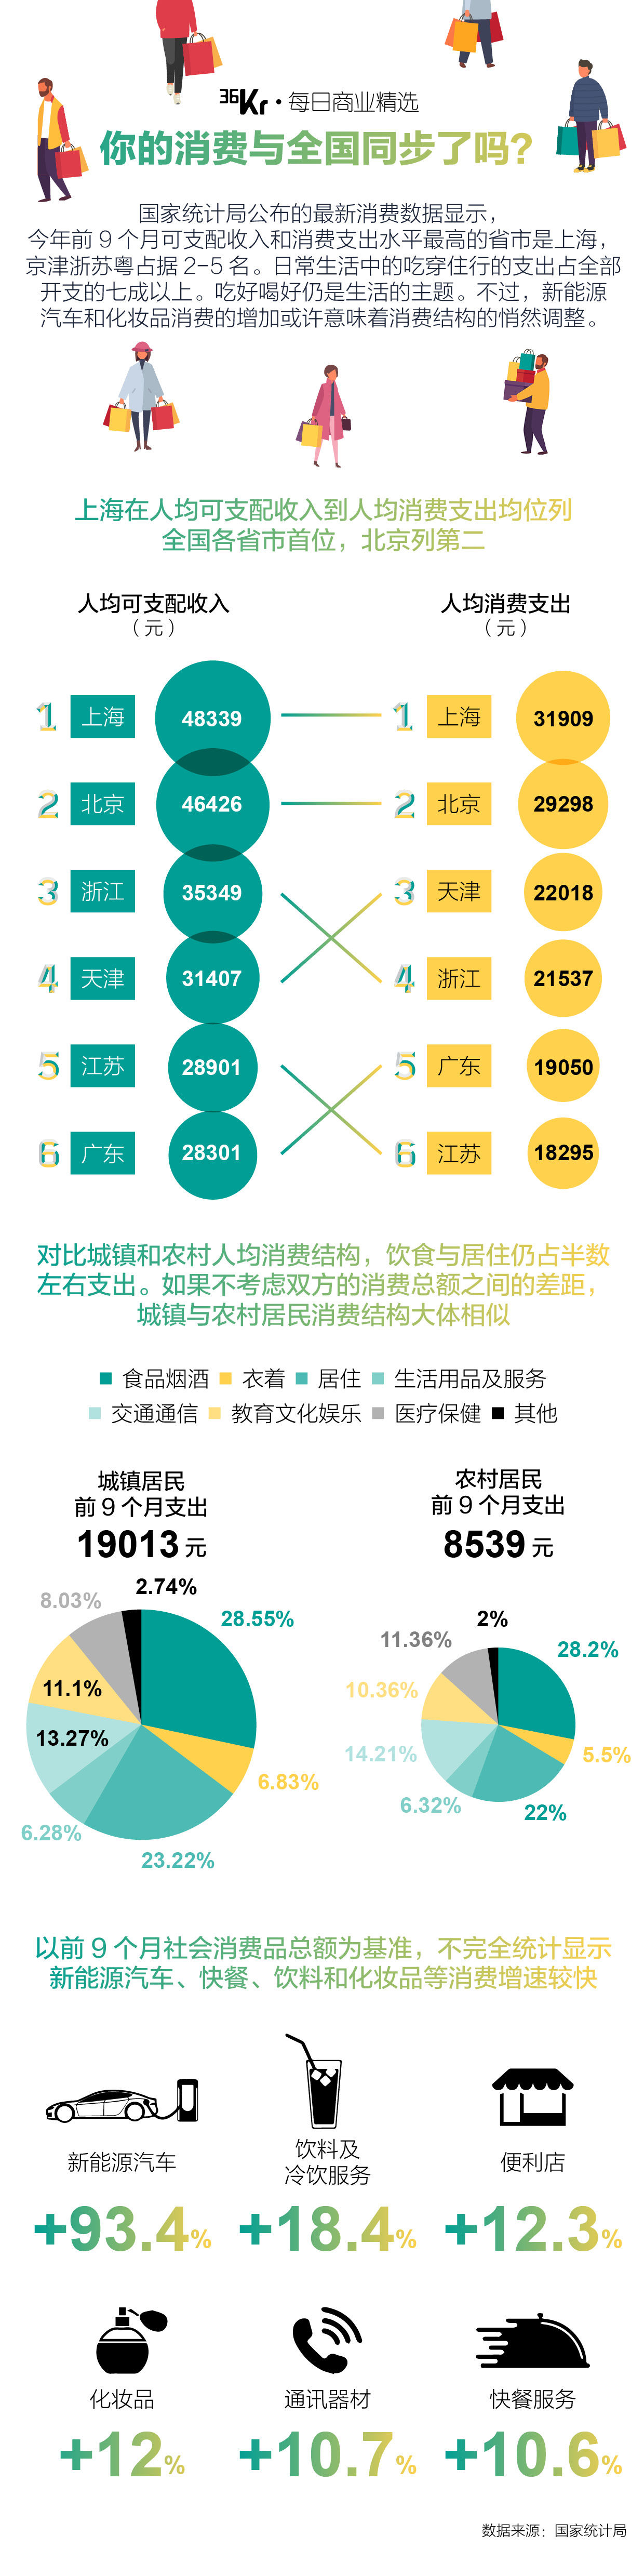 前三季度各省份收支排名:你的消费与全国同步了么?